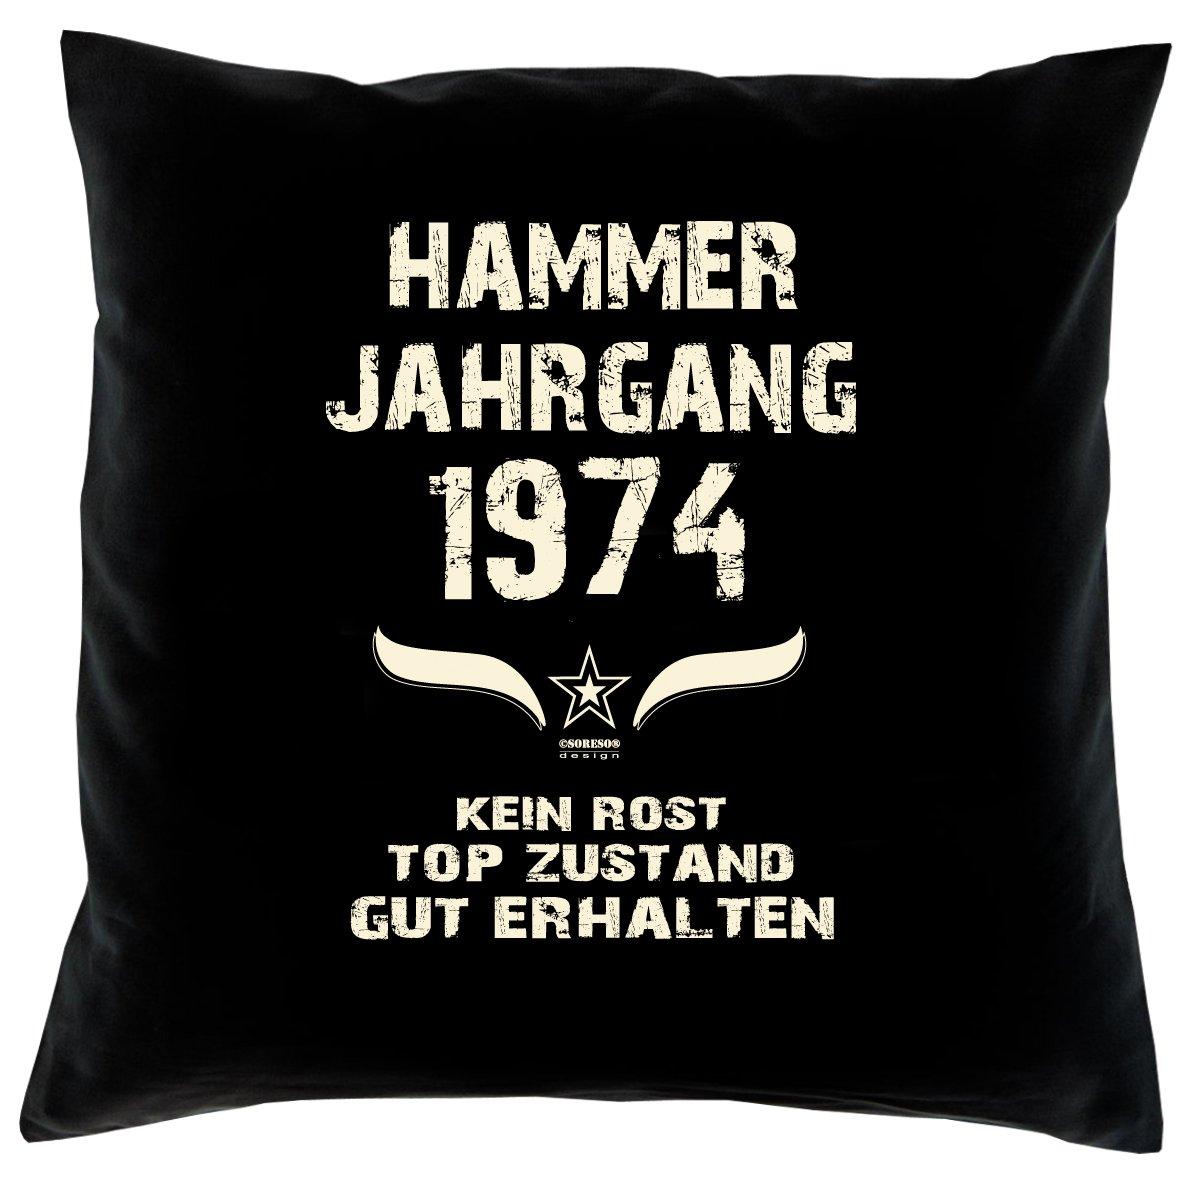 Cooles – Fun – Kissen – Sitzkissen – Zum 42. Geburtstag – Hammer Jahrgang 1974 Farbe: Schwarz – Größe: 40 x 40 cm günstig online kaufen